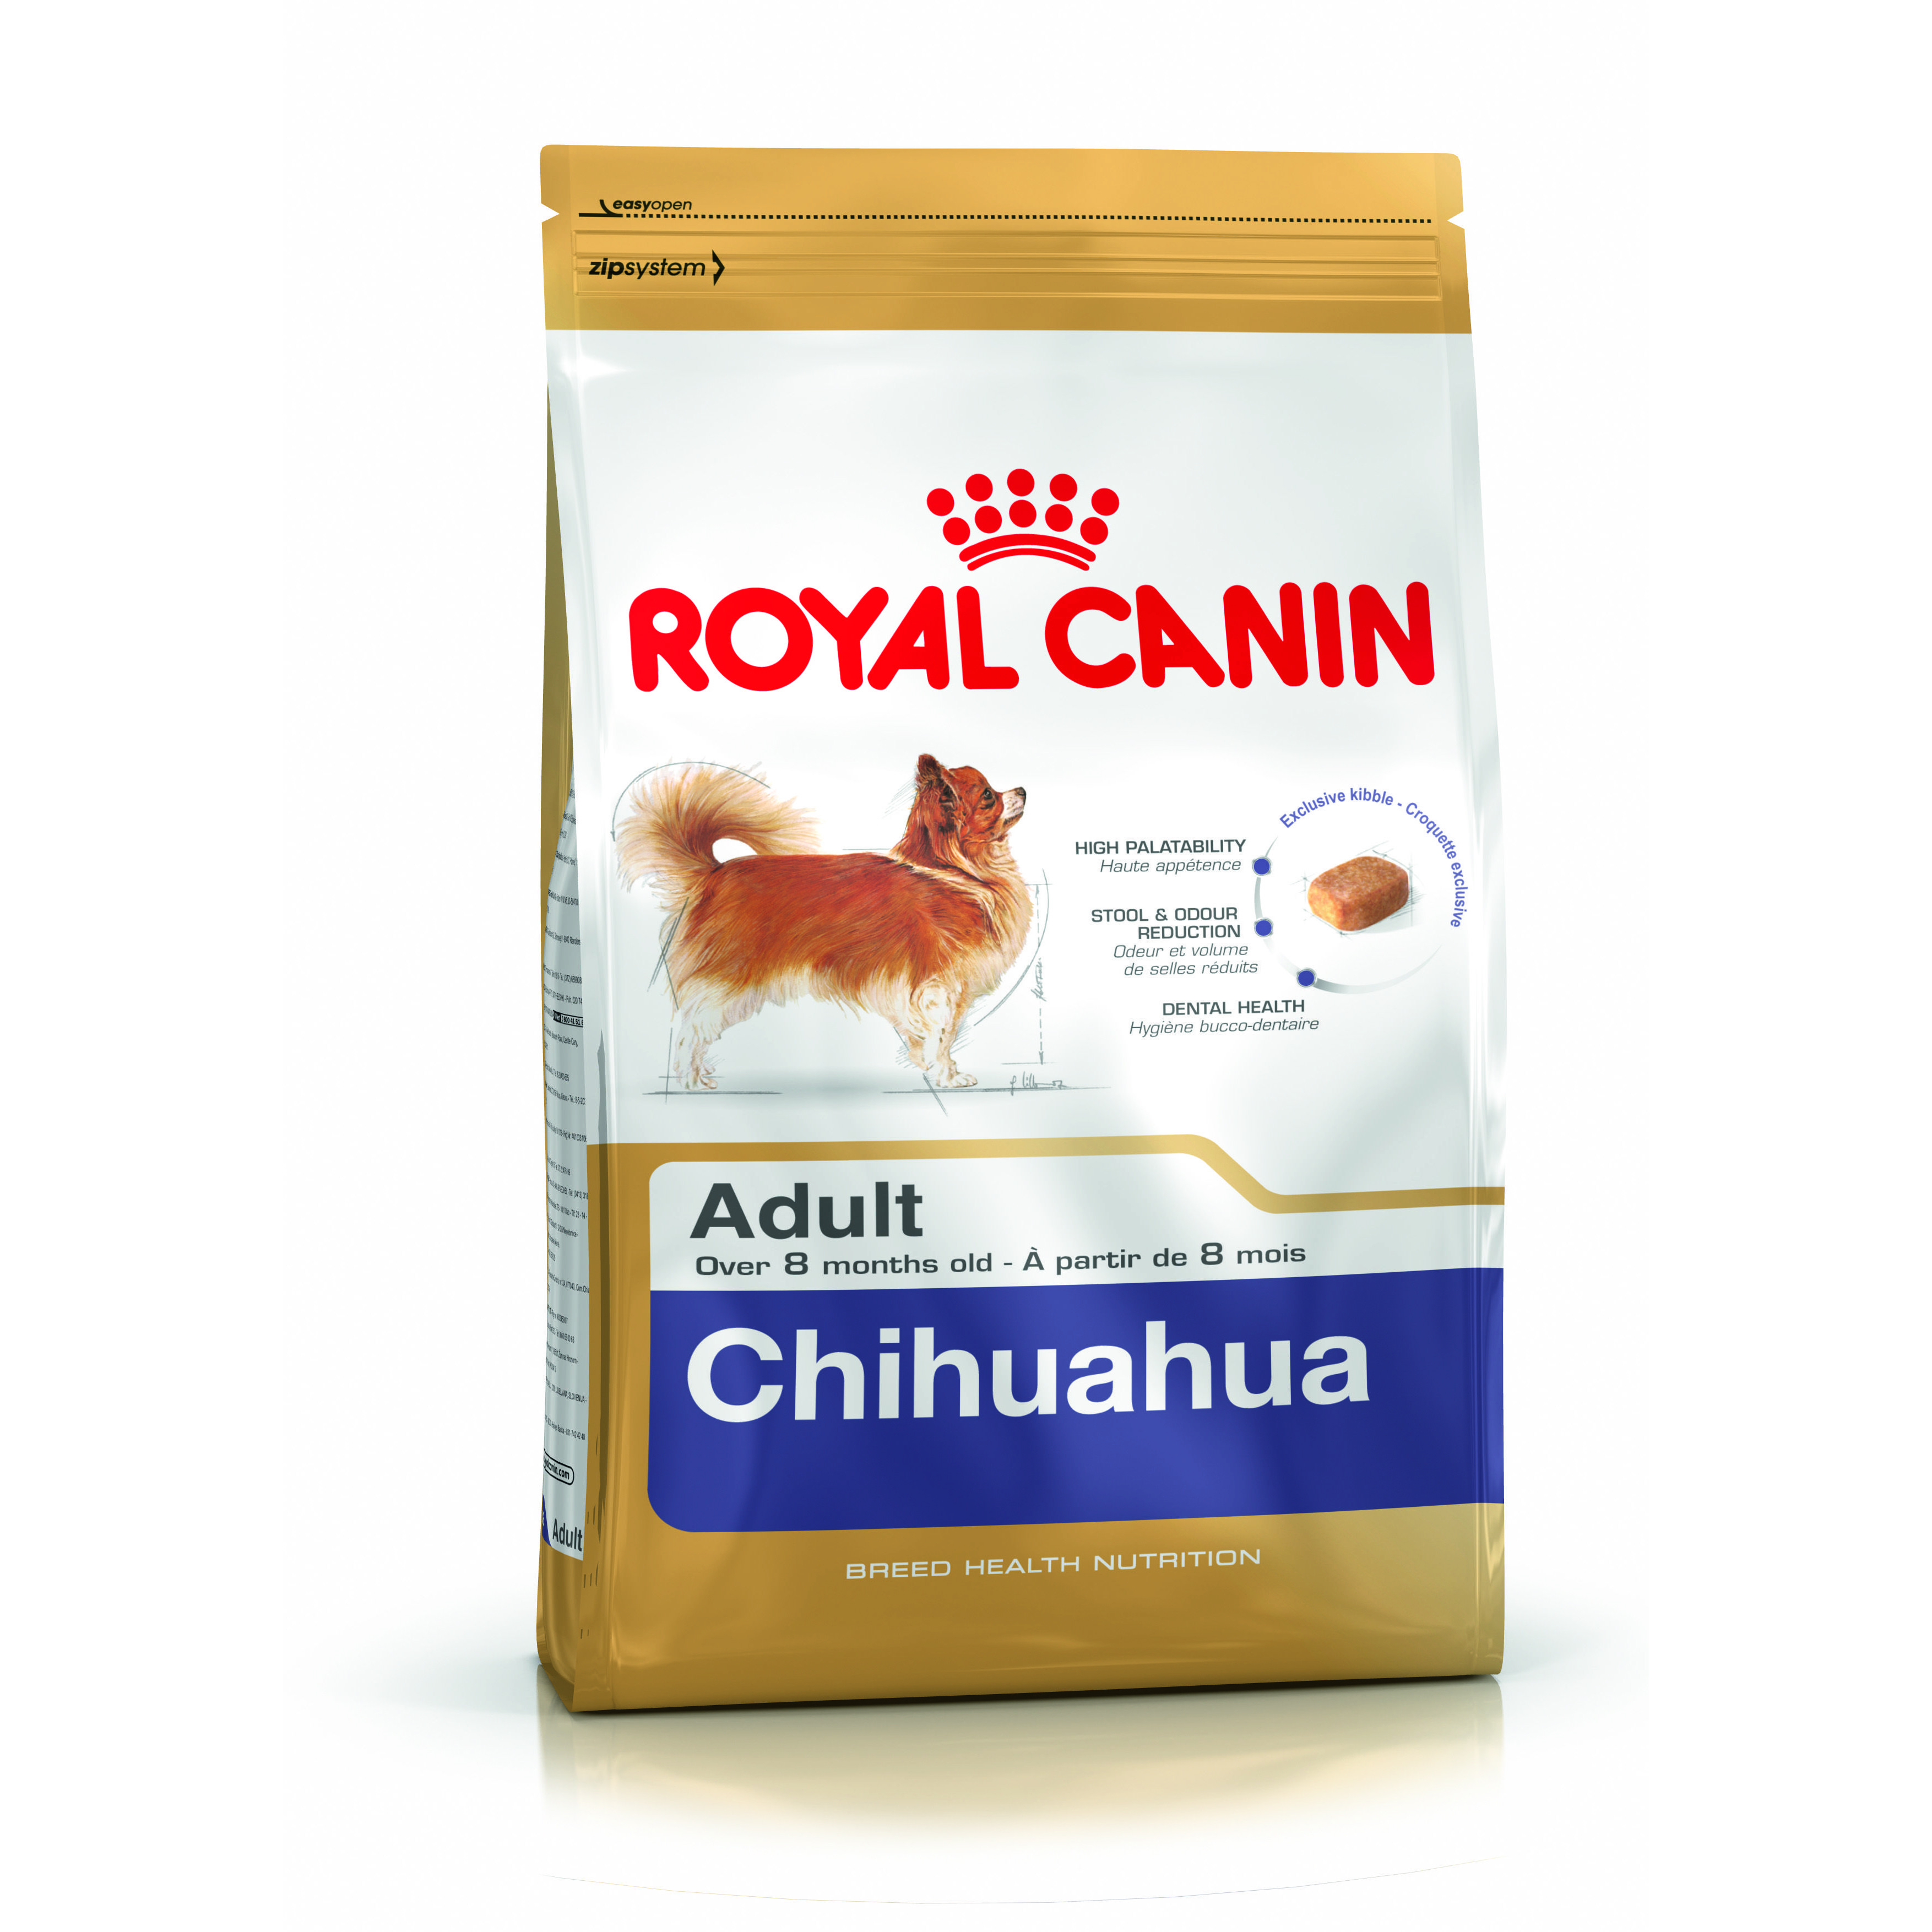 croquette chihuahua